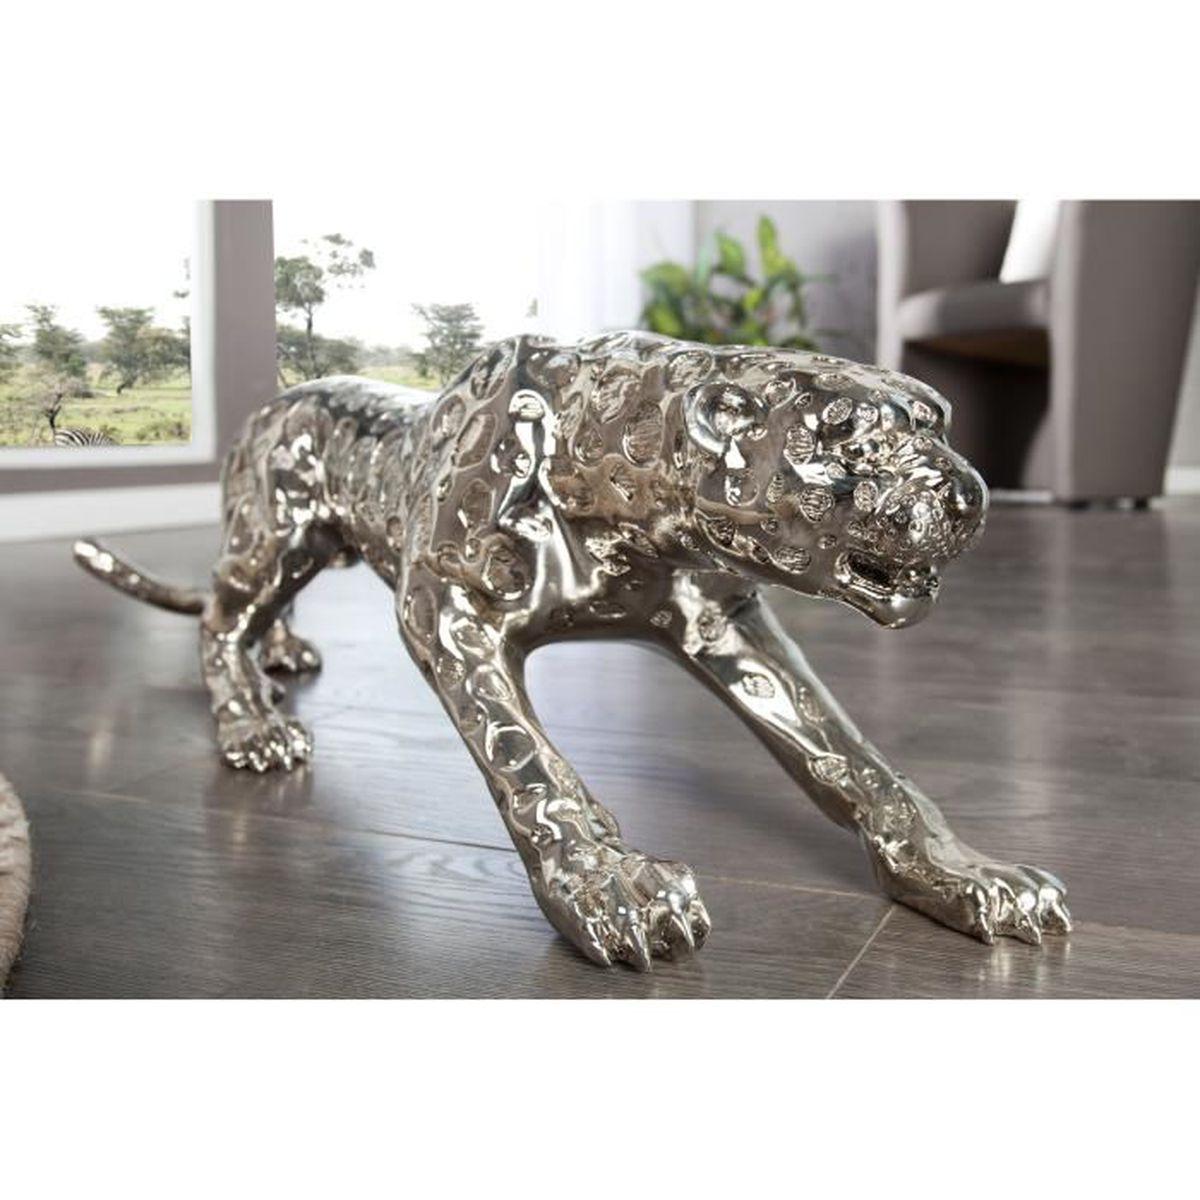 sculpture d corative design leopard argent achat vente